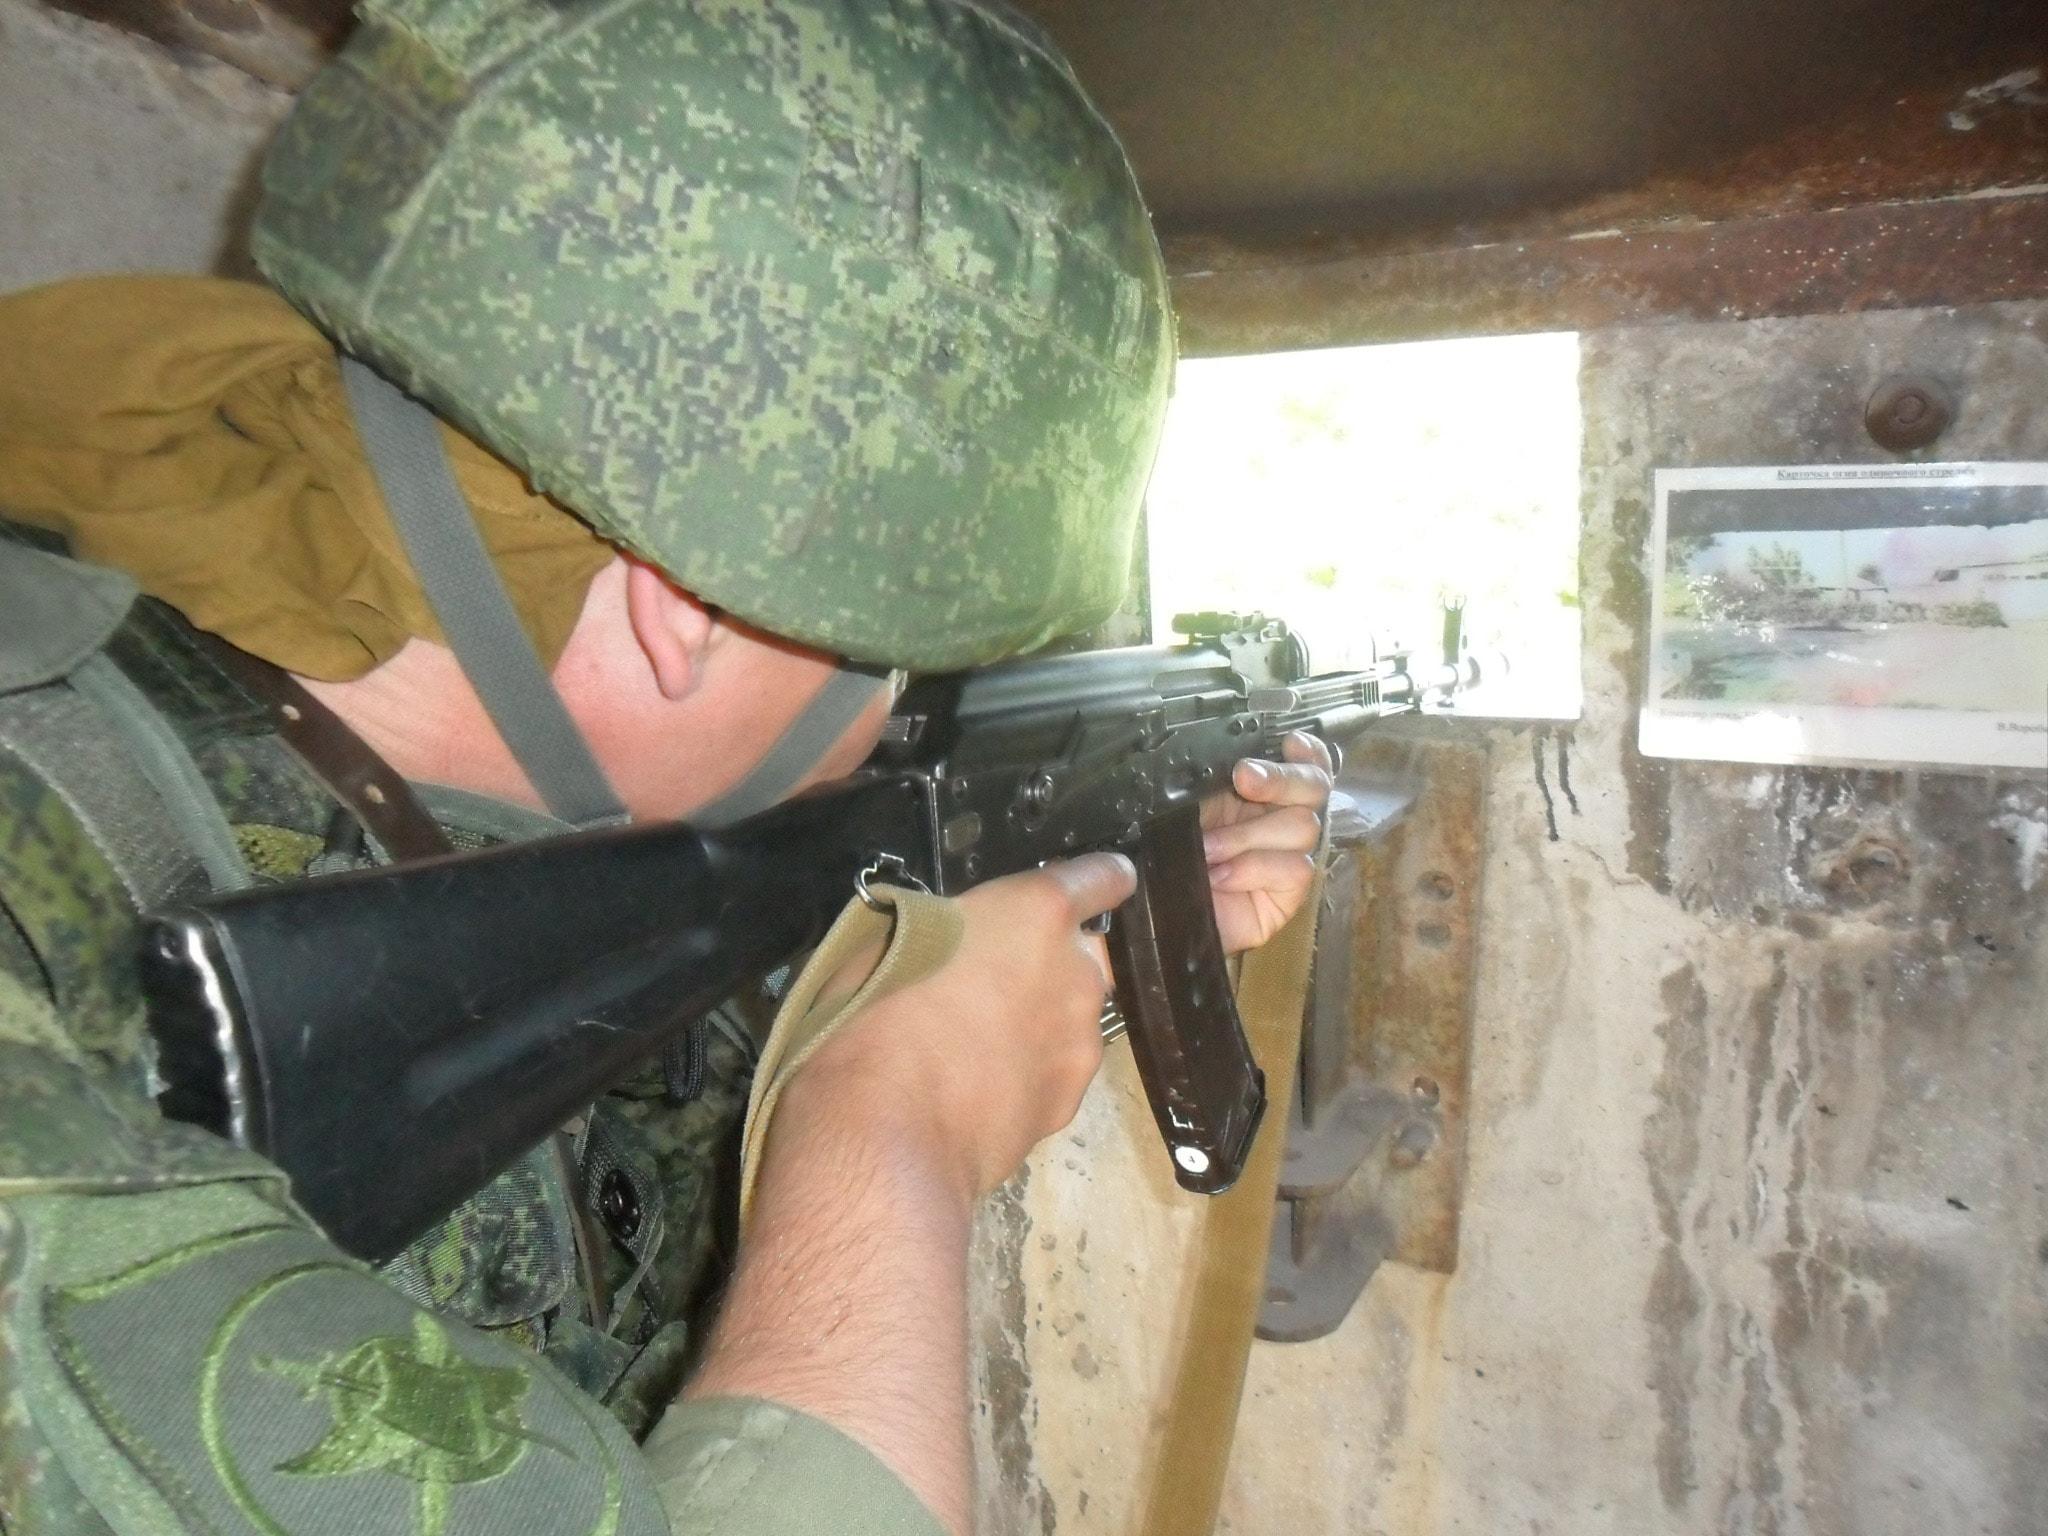 Тренировка с подразделением антитеррора на авиационной базе ОДКБ «Кант